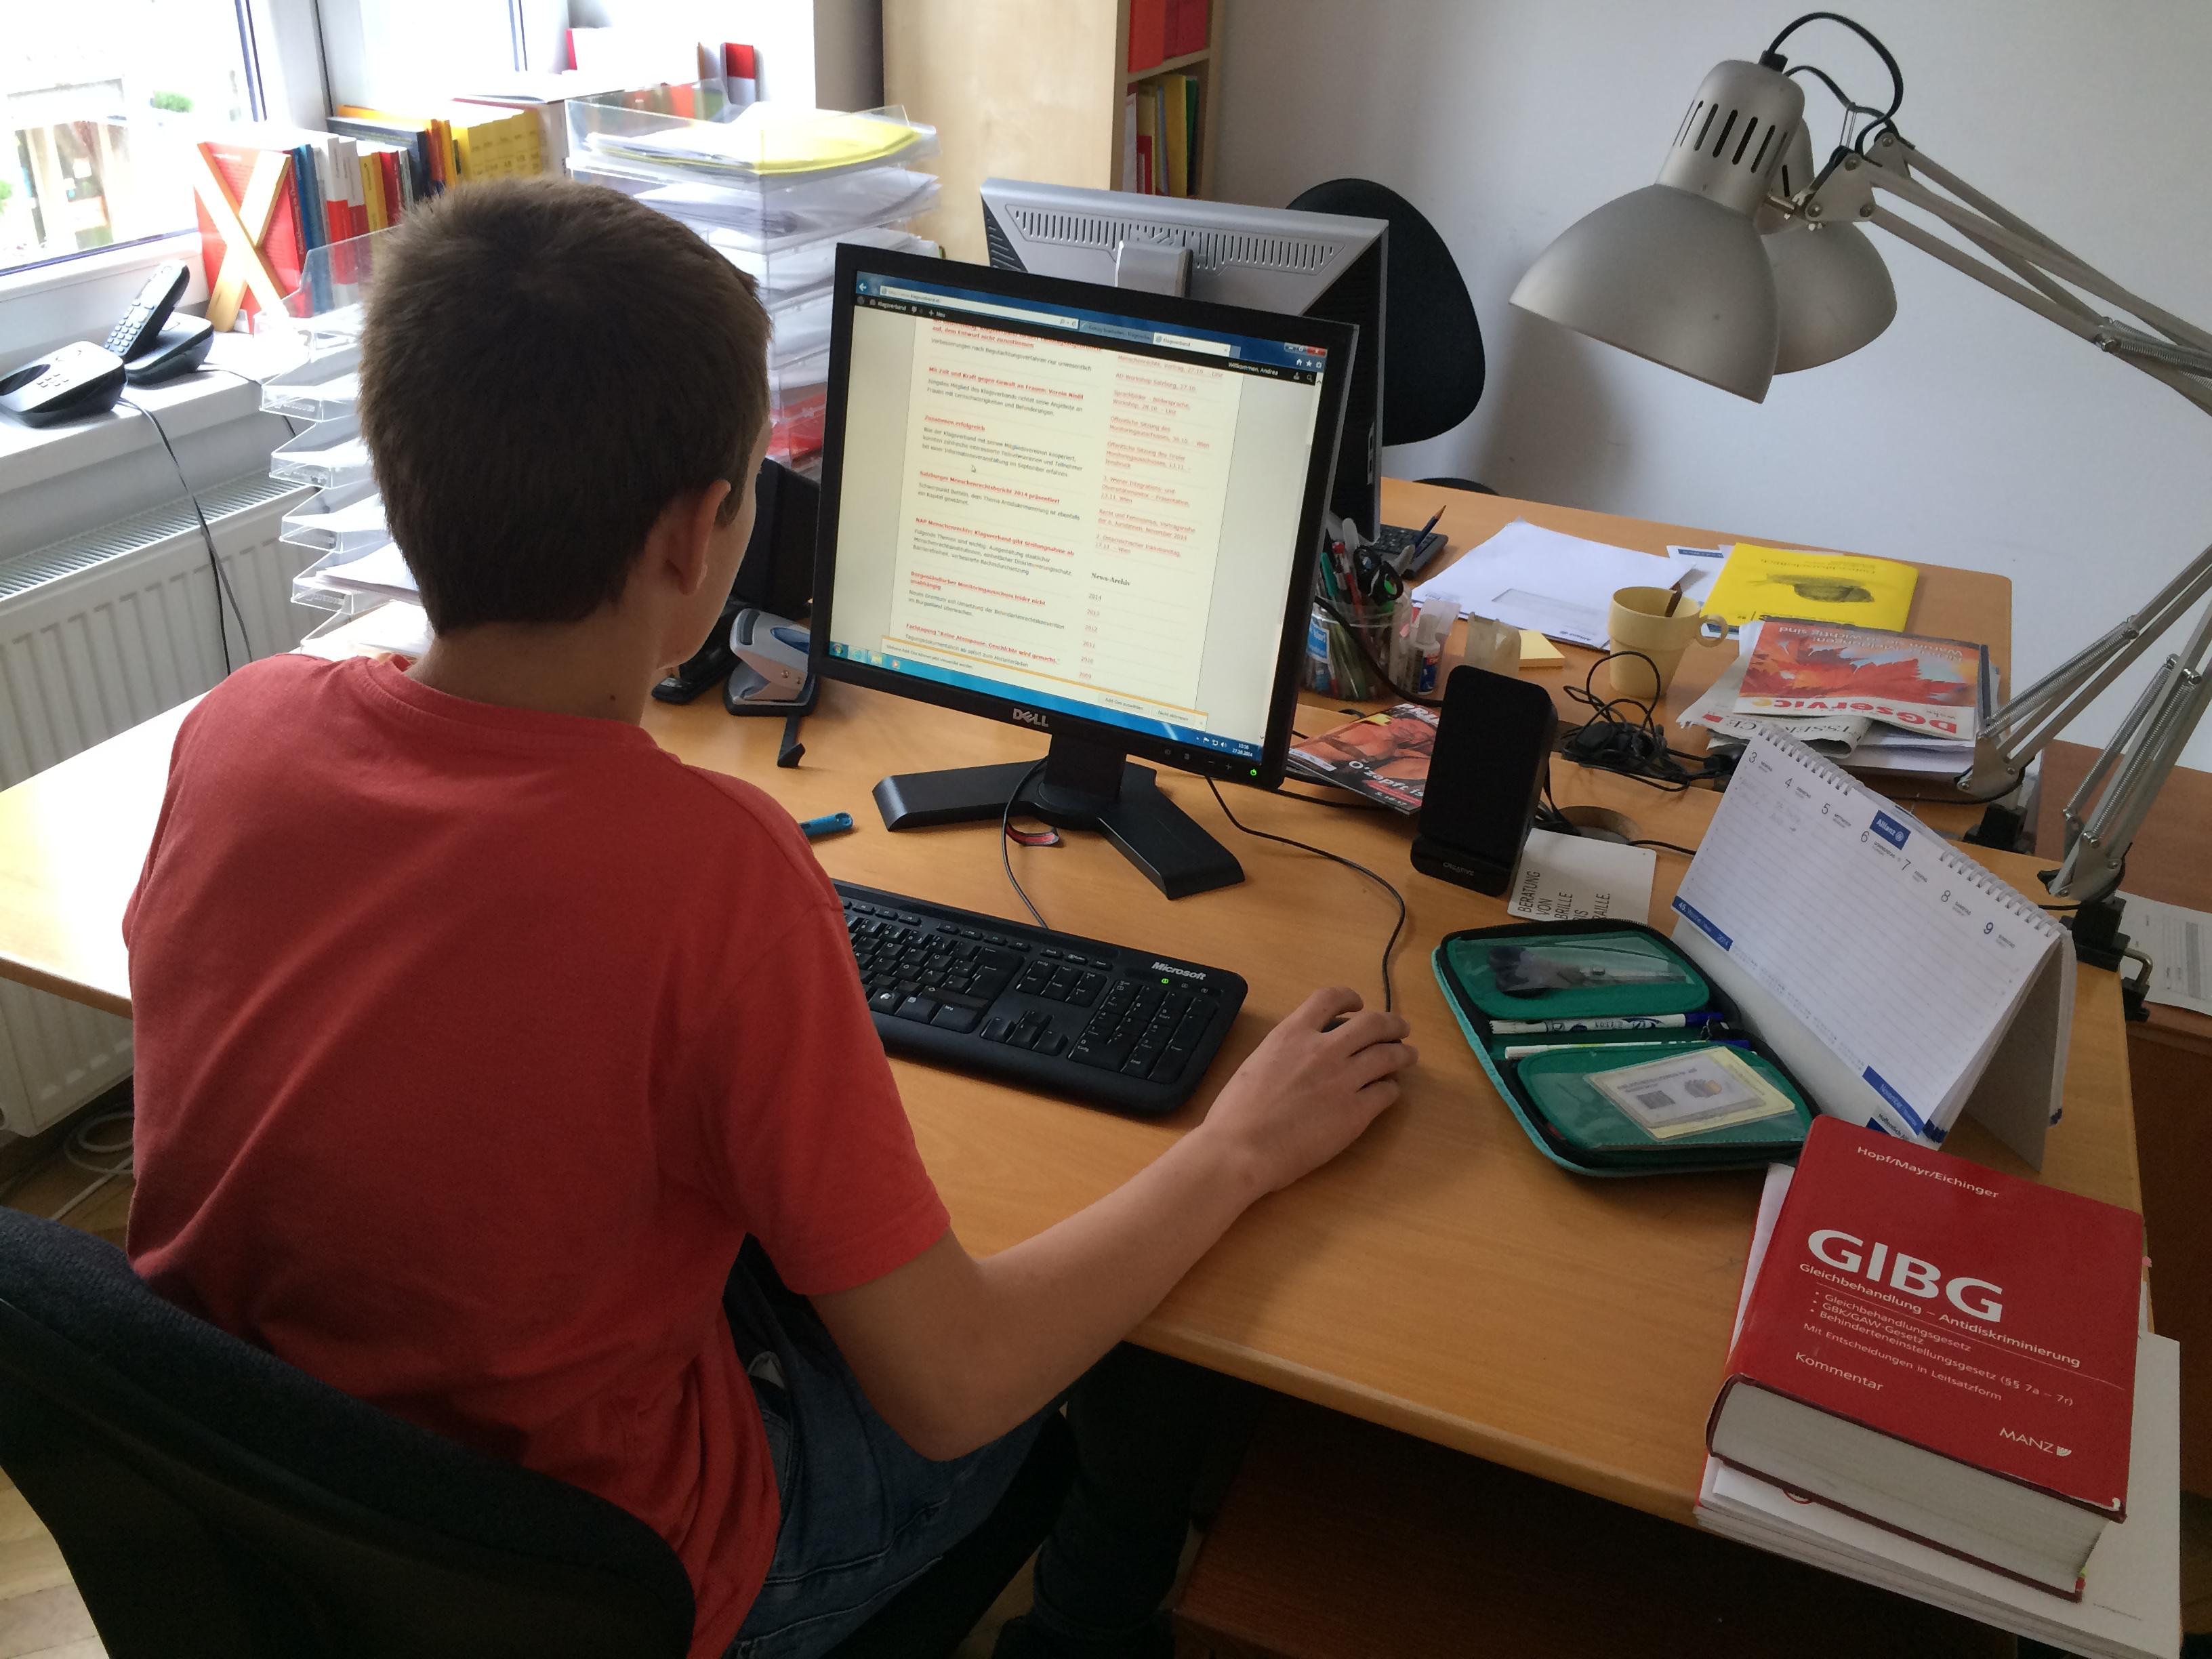 Praktikant arbeitet am Computer